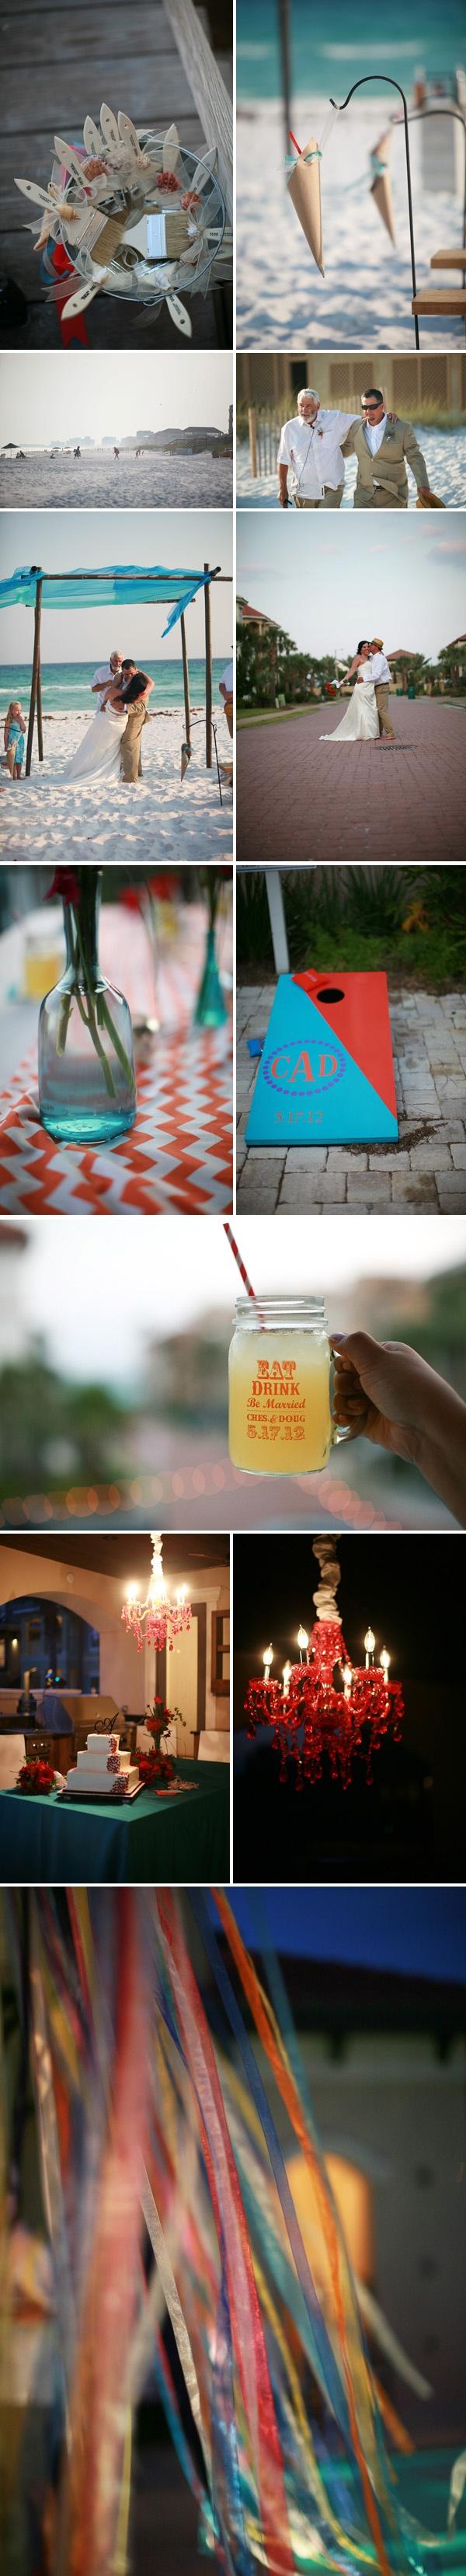 beach wedding   mason jars   cornhole games   destin, fl wedding    photos by shannon kelley